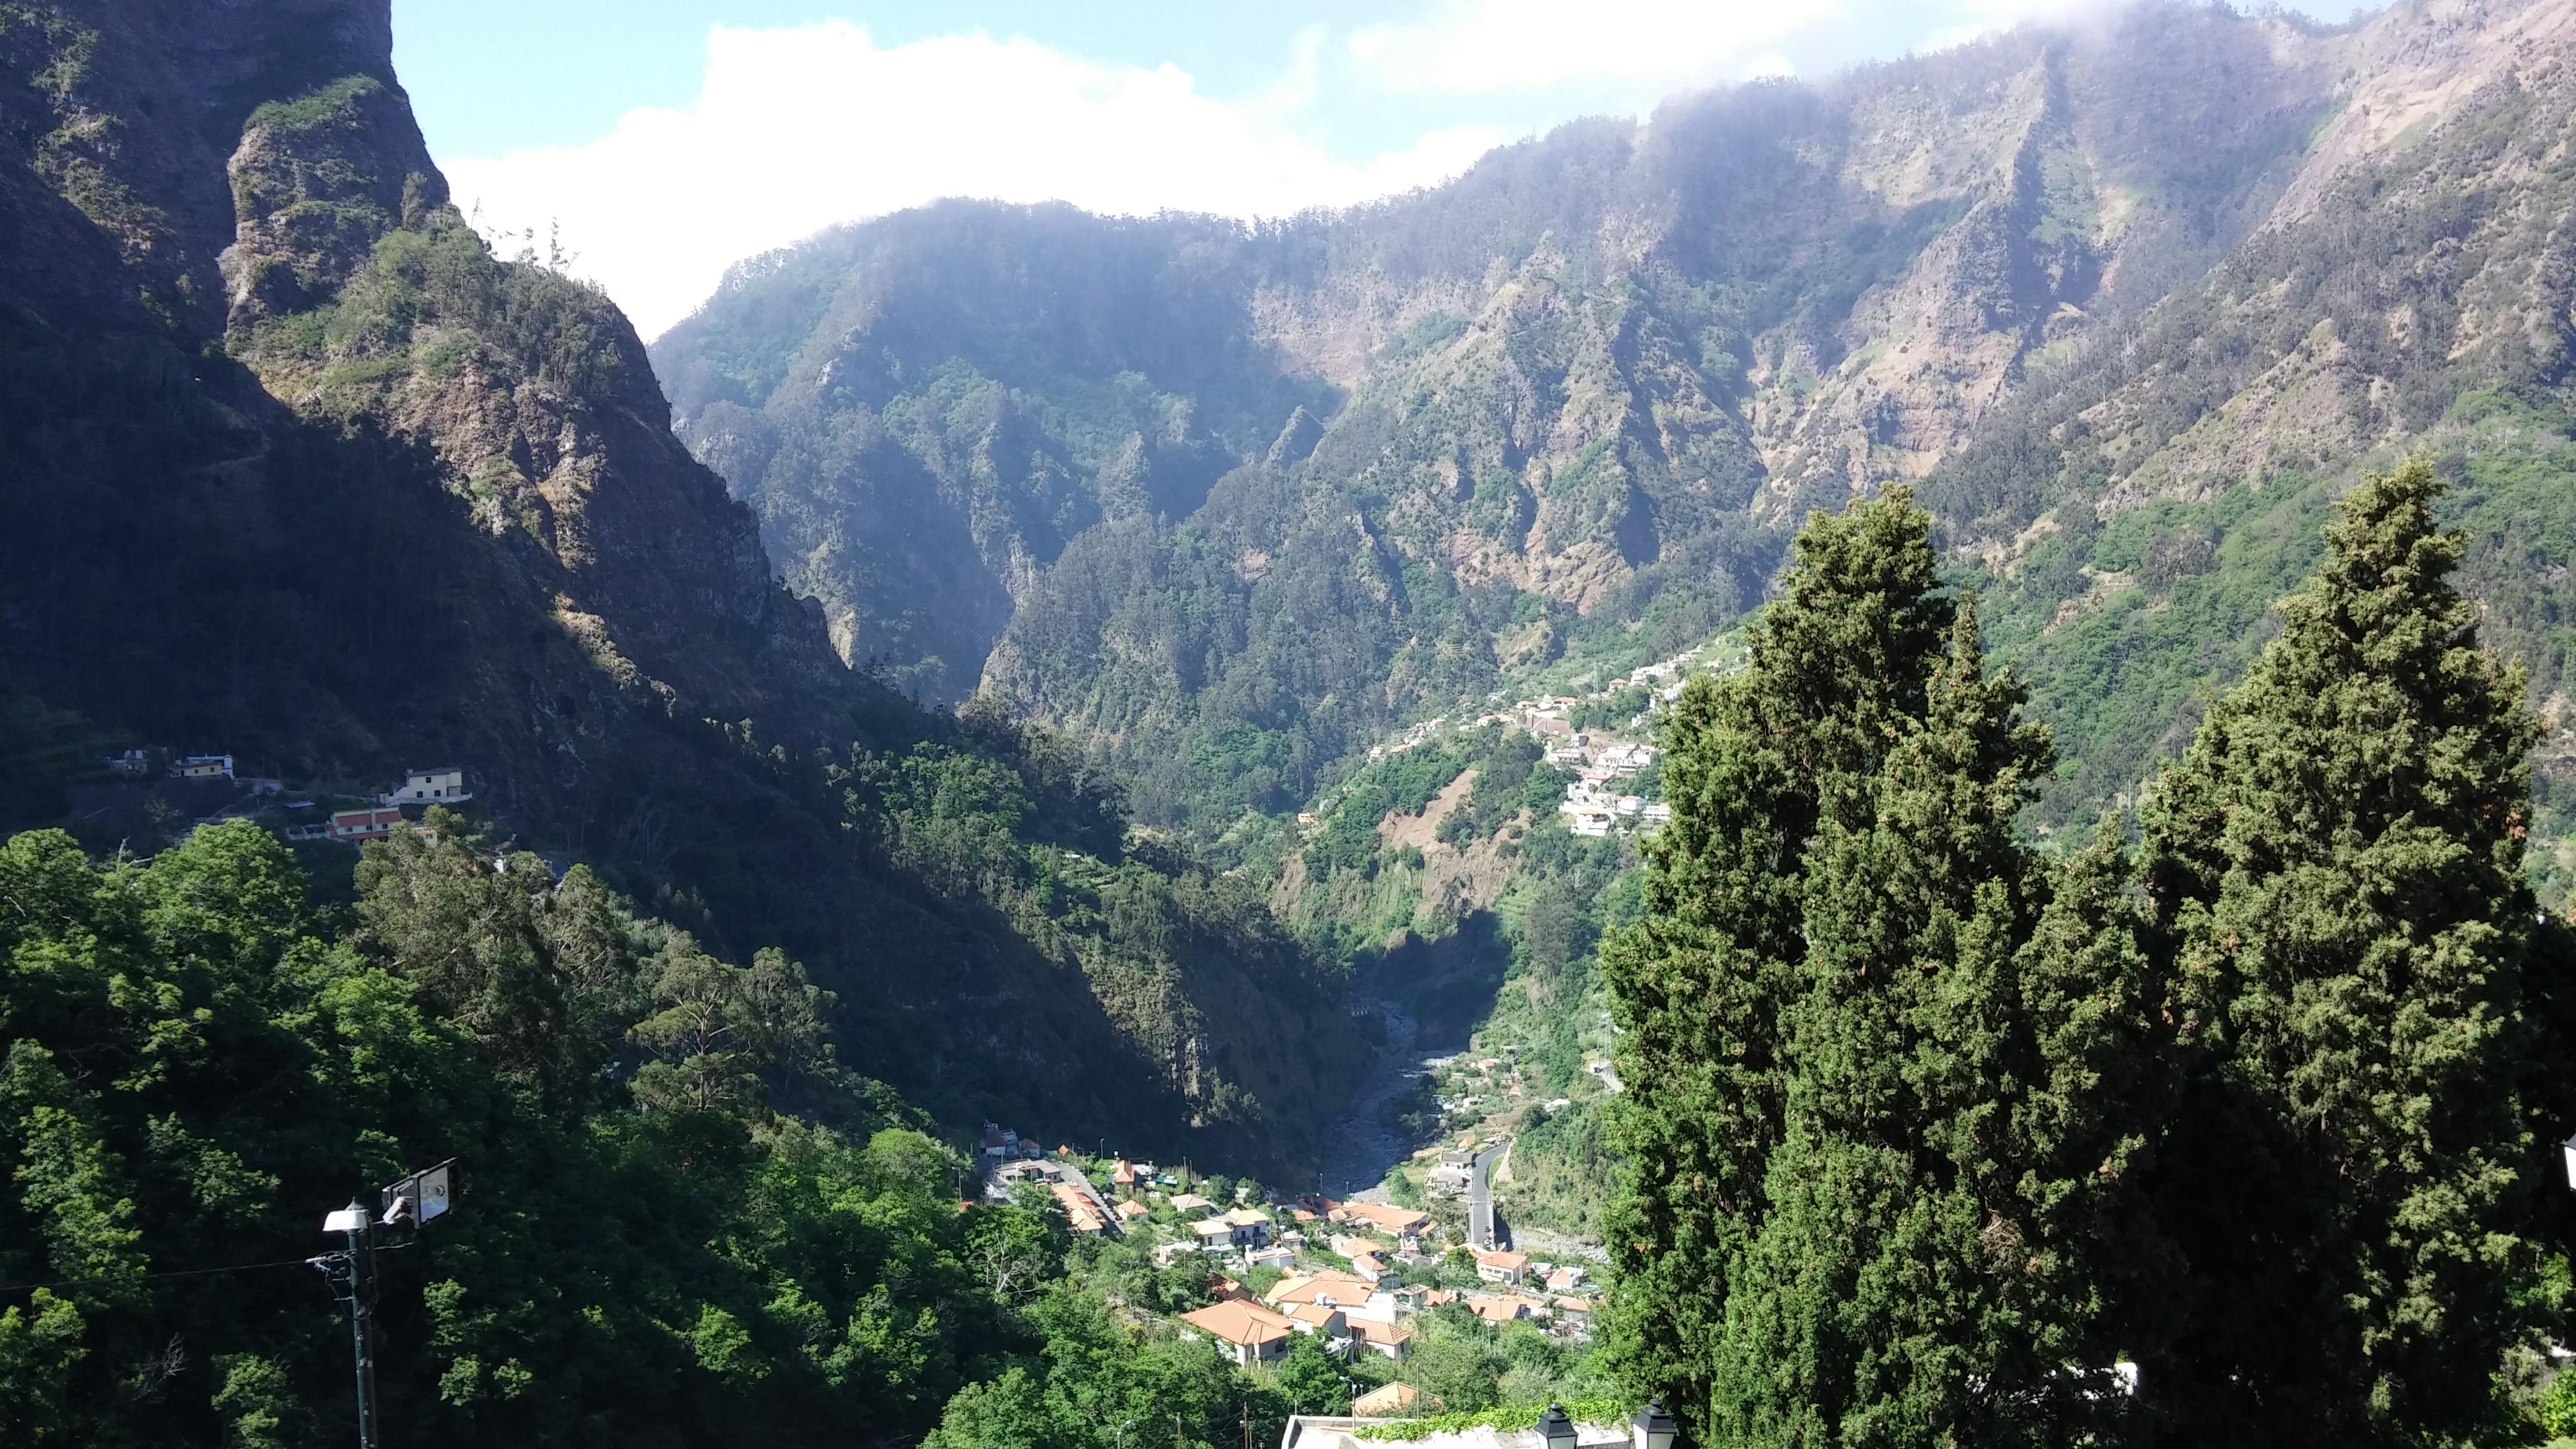 Nuns Valley (Tal d. Nonnen)